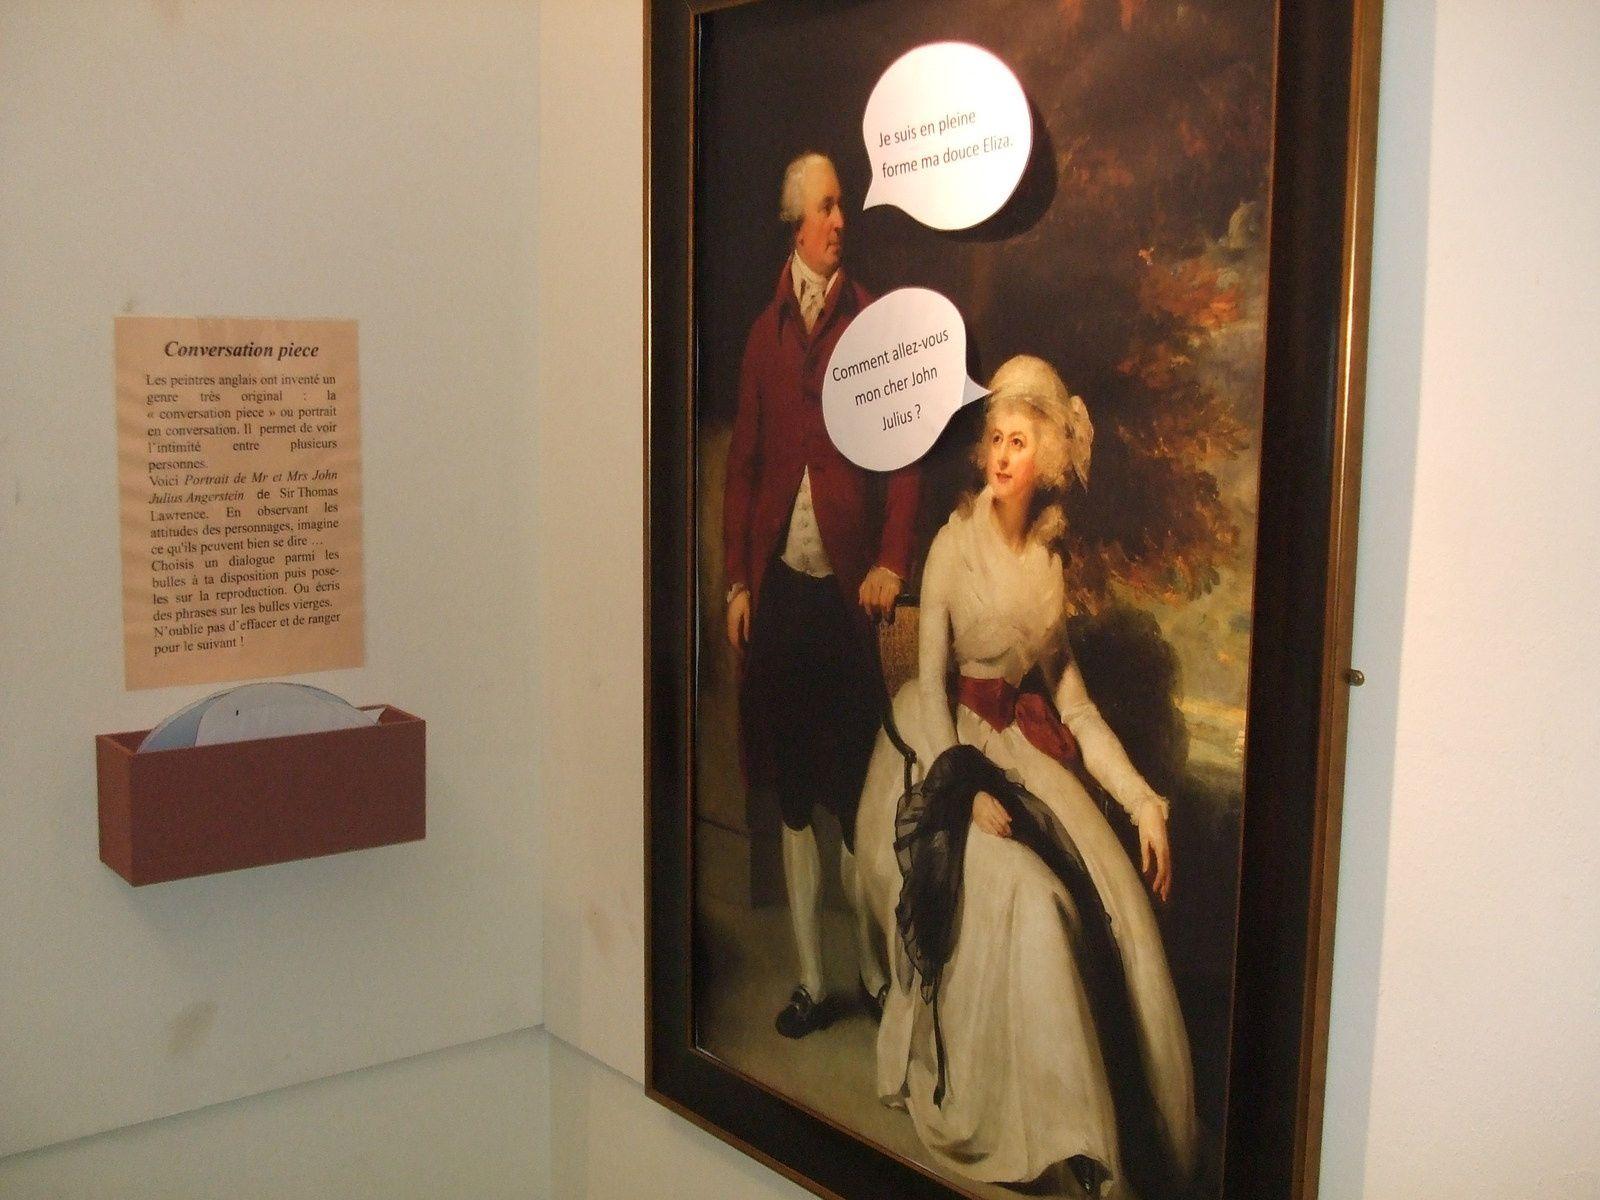 Paroles de médiateurs culturels #6: au cœur de l'exposition